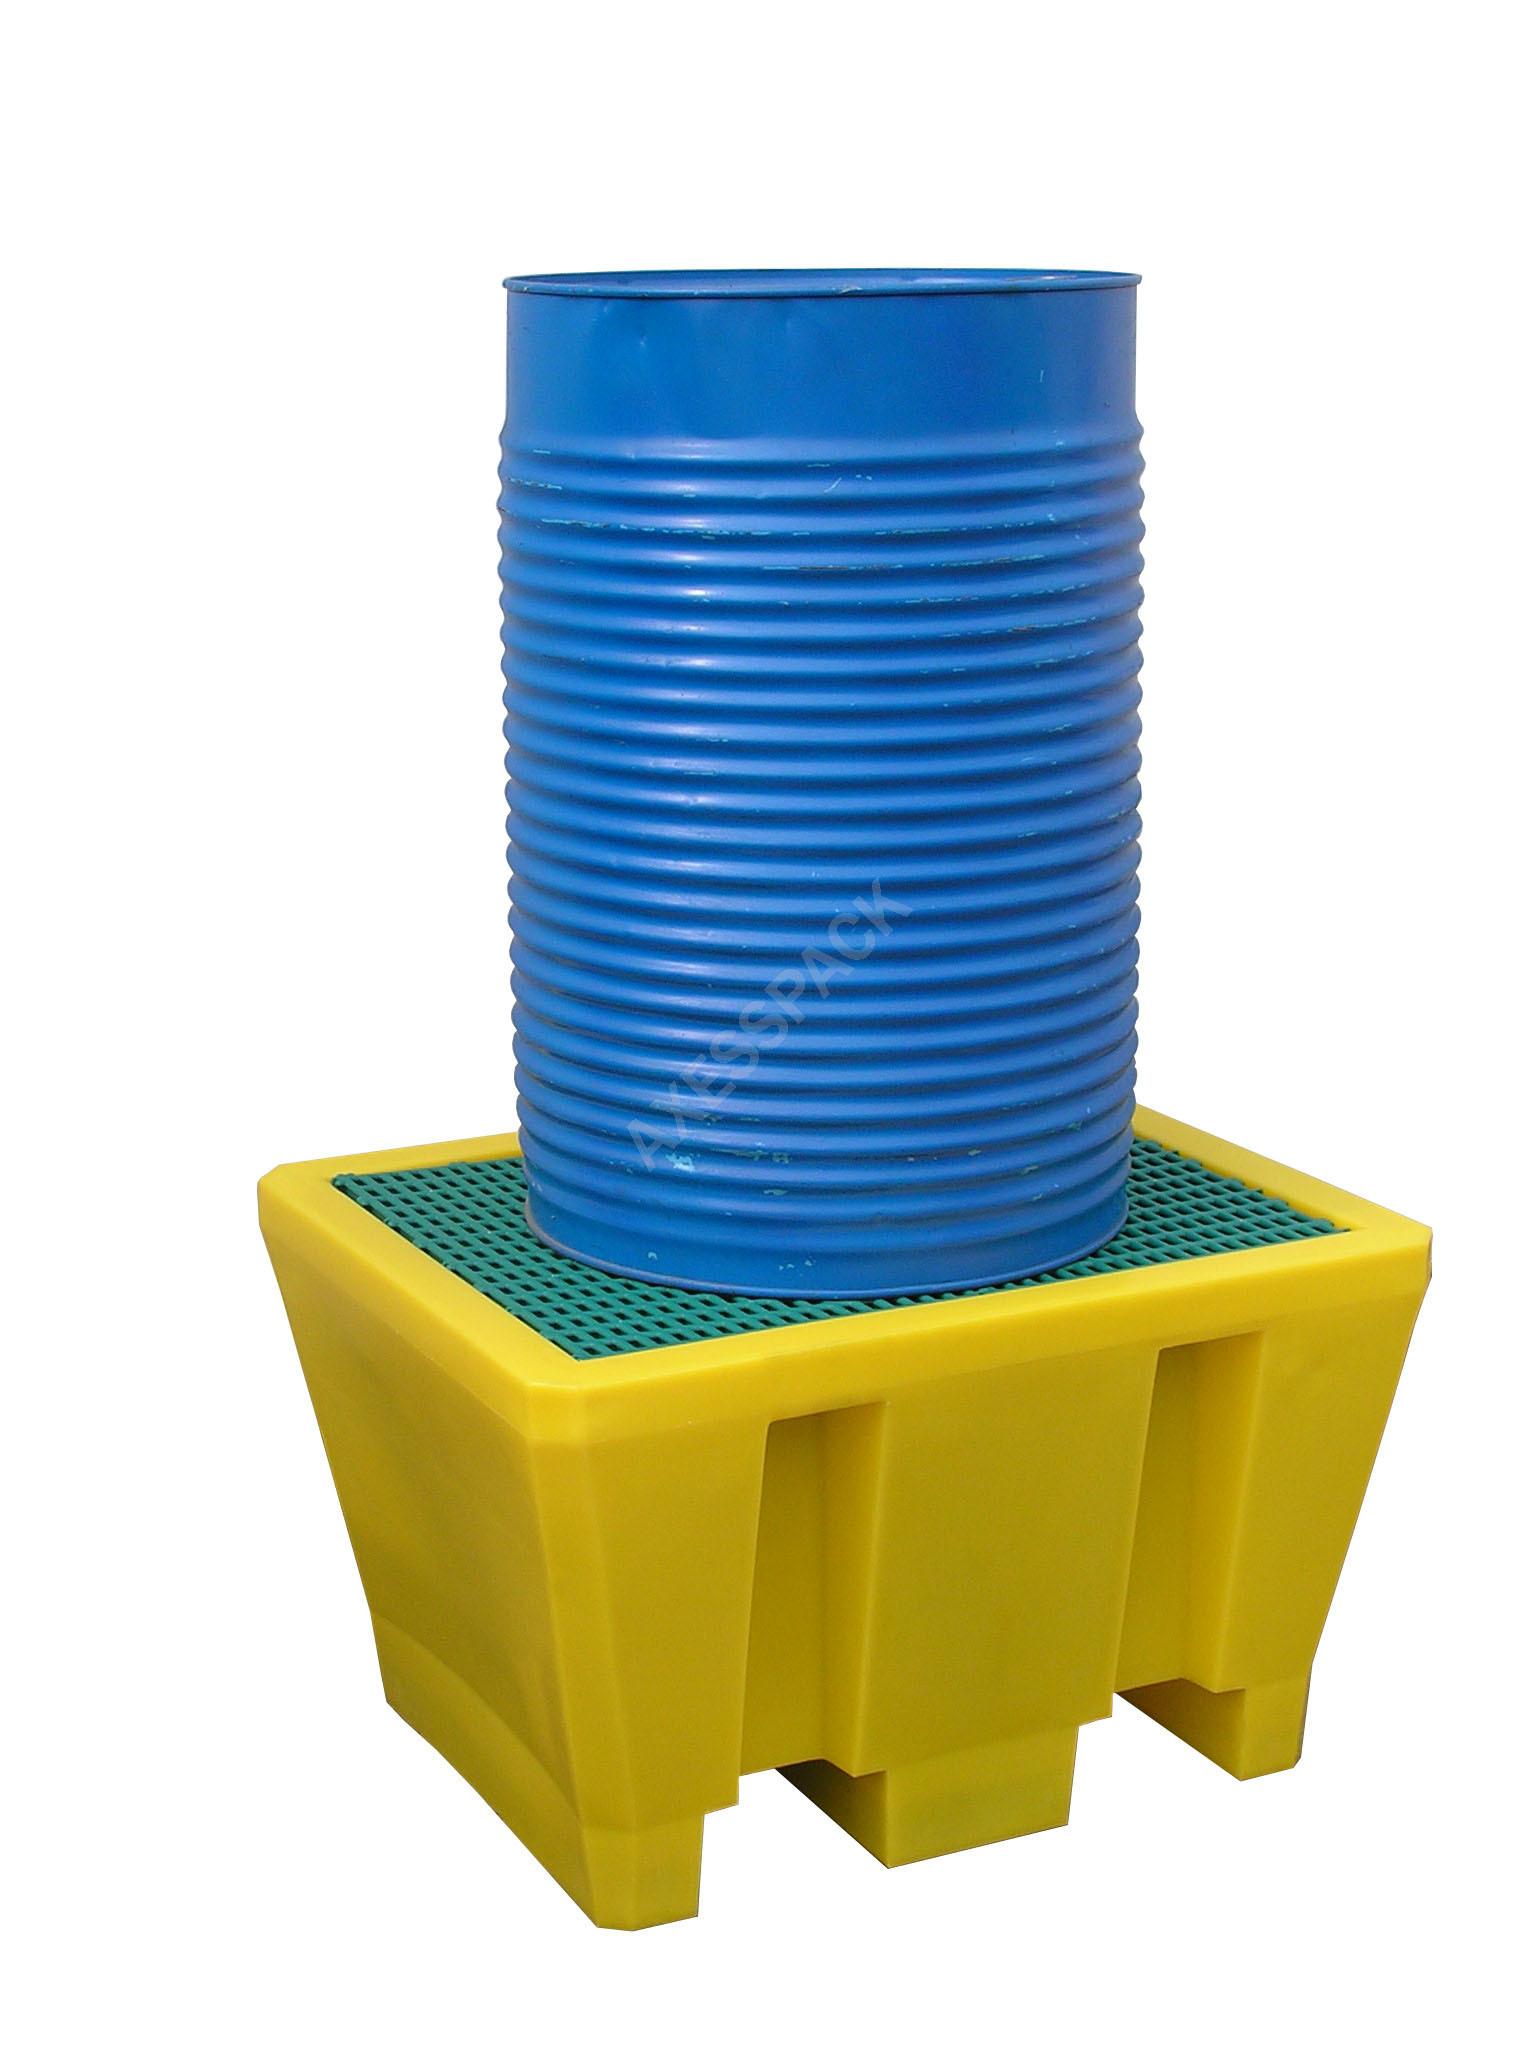 Bac de rétention 225 litres plastique avec caillebotis polypropylène